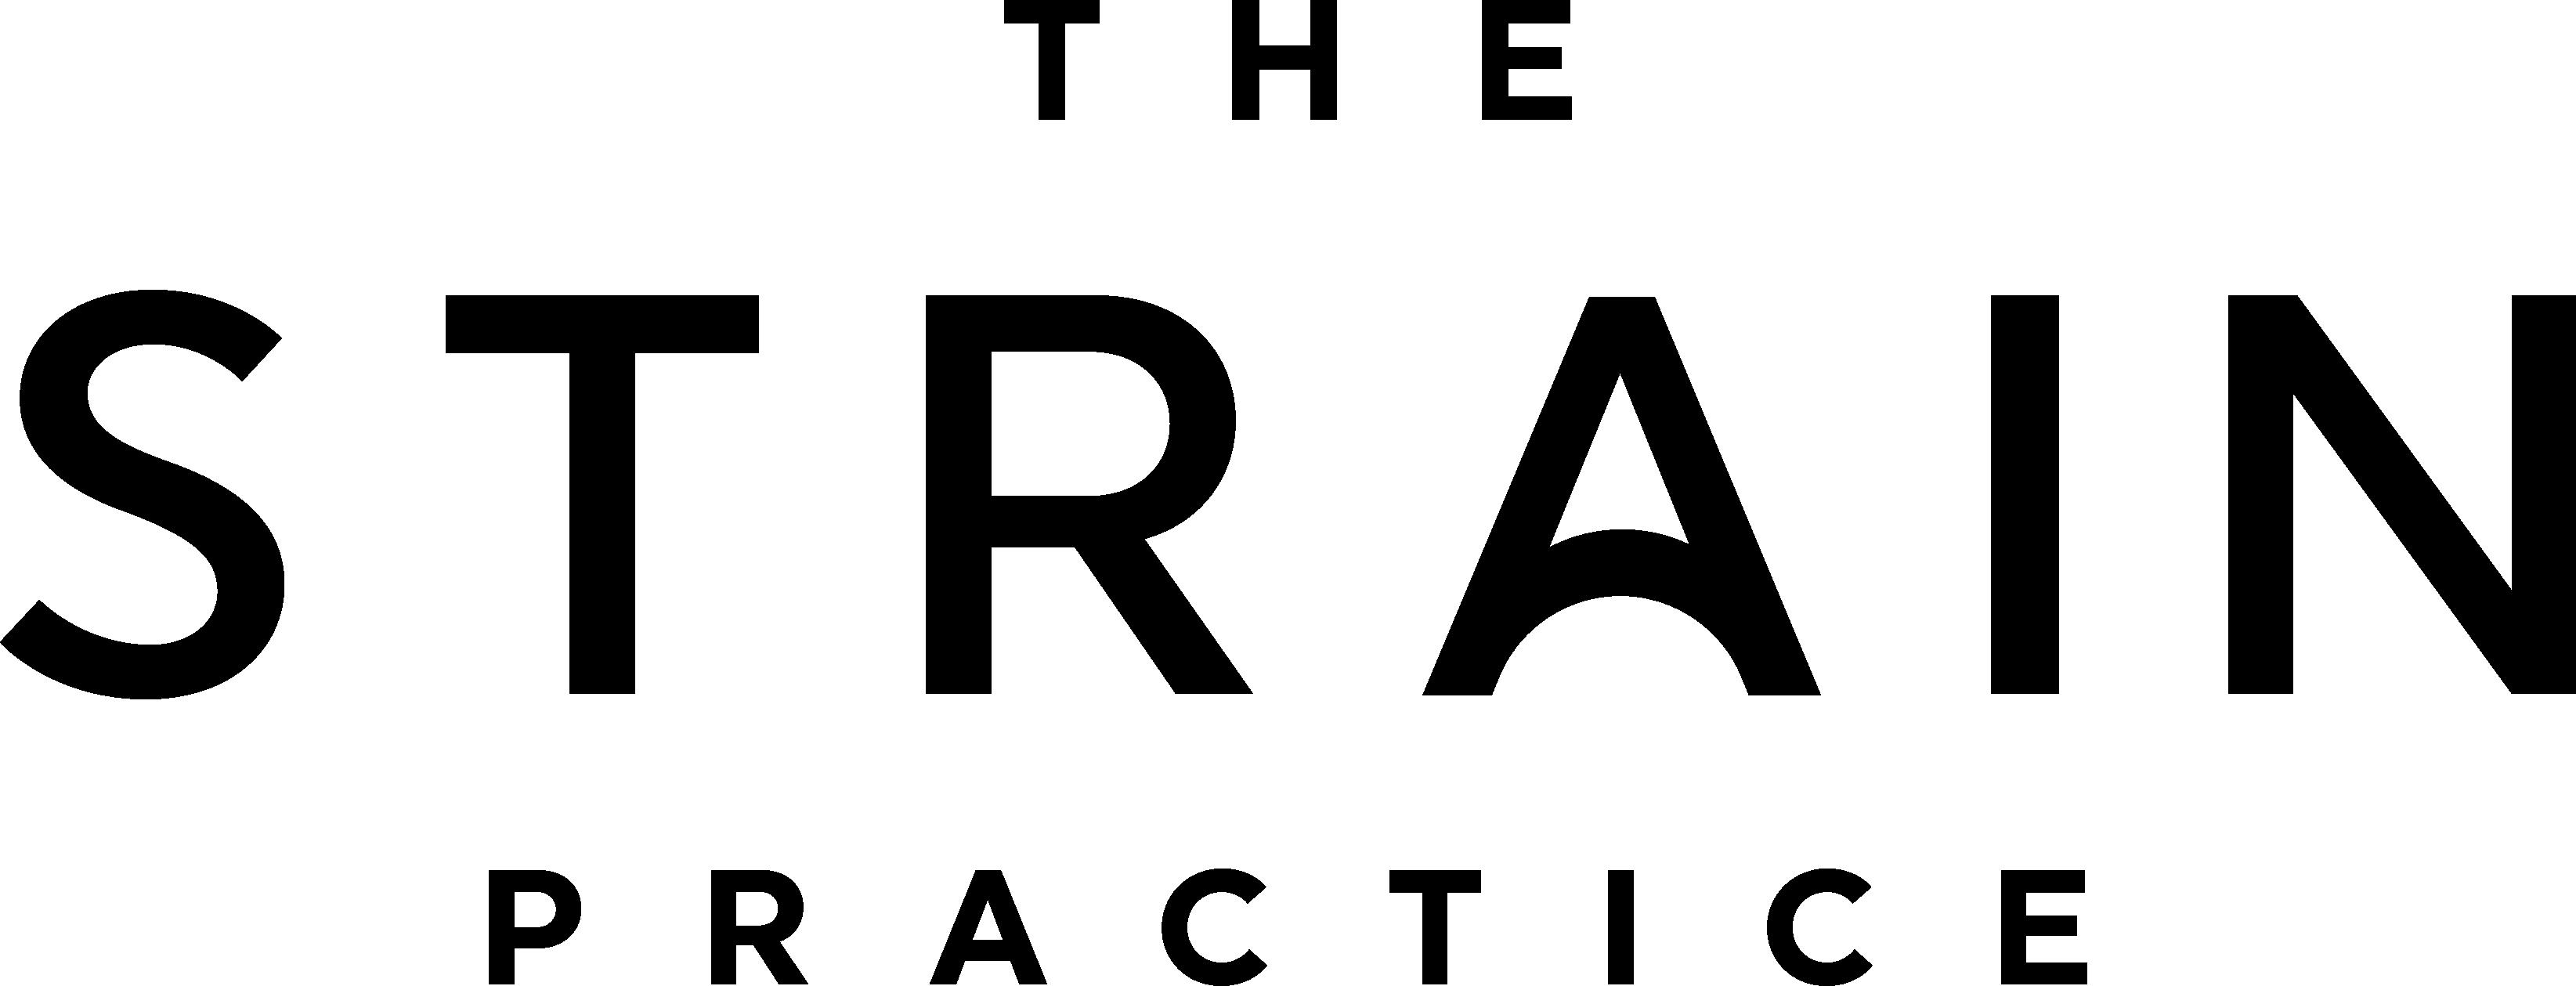 The Strain Practice logo